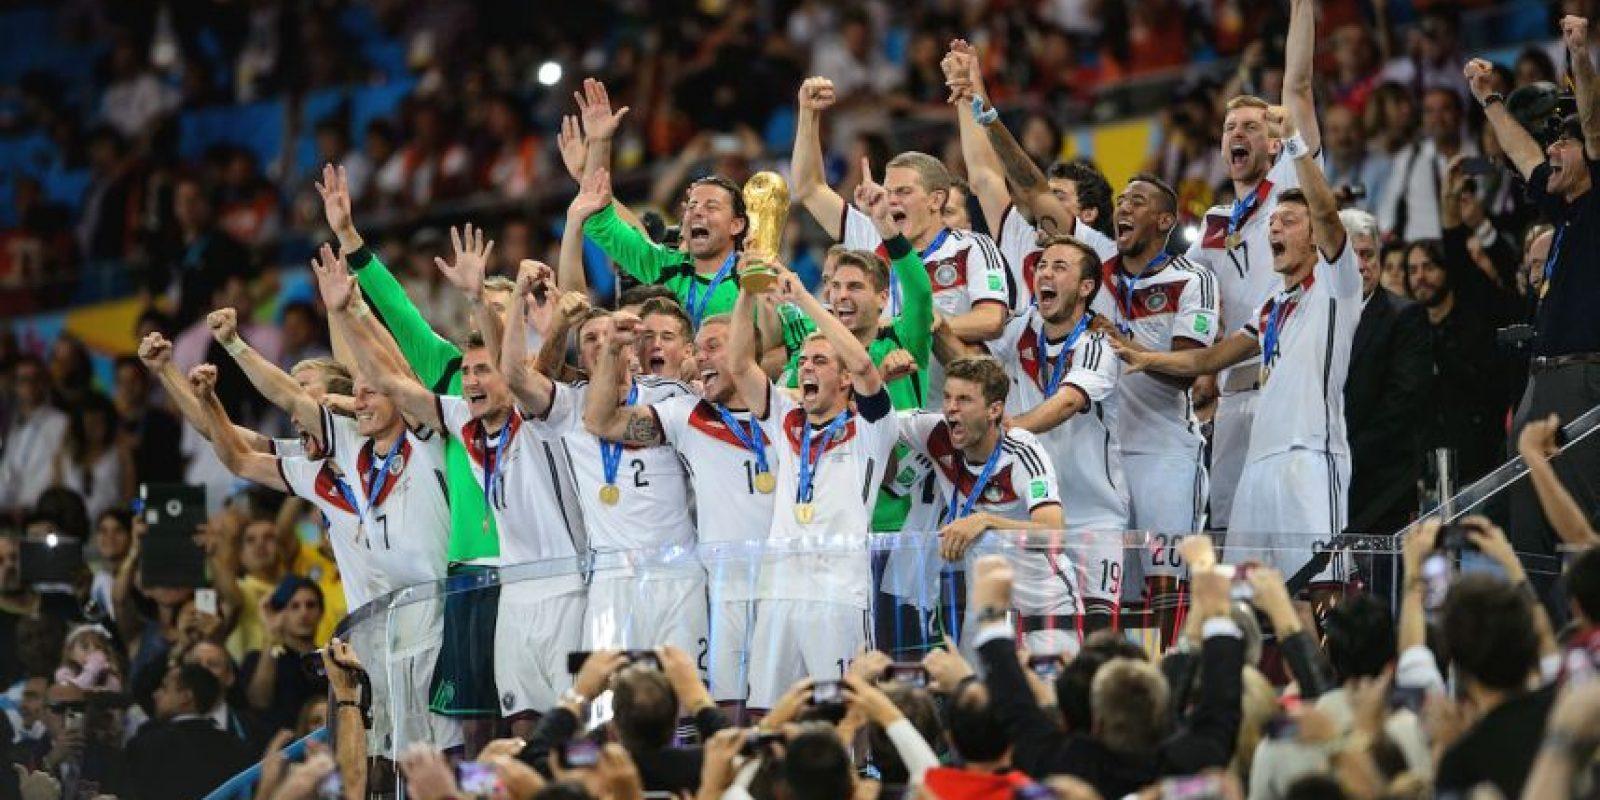 Durante la celebración de esta Copa del Mundo, de nuevo, Andrew Jennings destapó una red internacional para la reventa de entradas y las en la cual estarían involucrados varios dirigentes de la Confederación Brasileña de Fútbol, Real Federación Española de Fútbol y Asociación de Fútbol Argentina. Foto:Getty Images